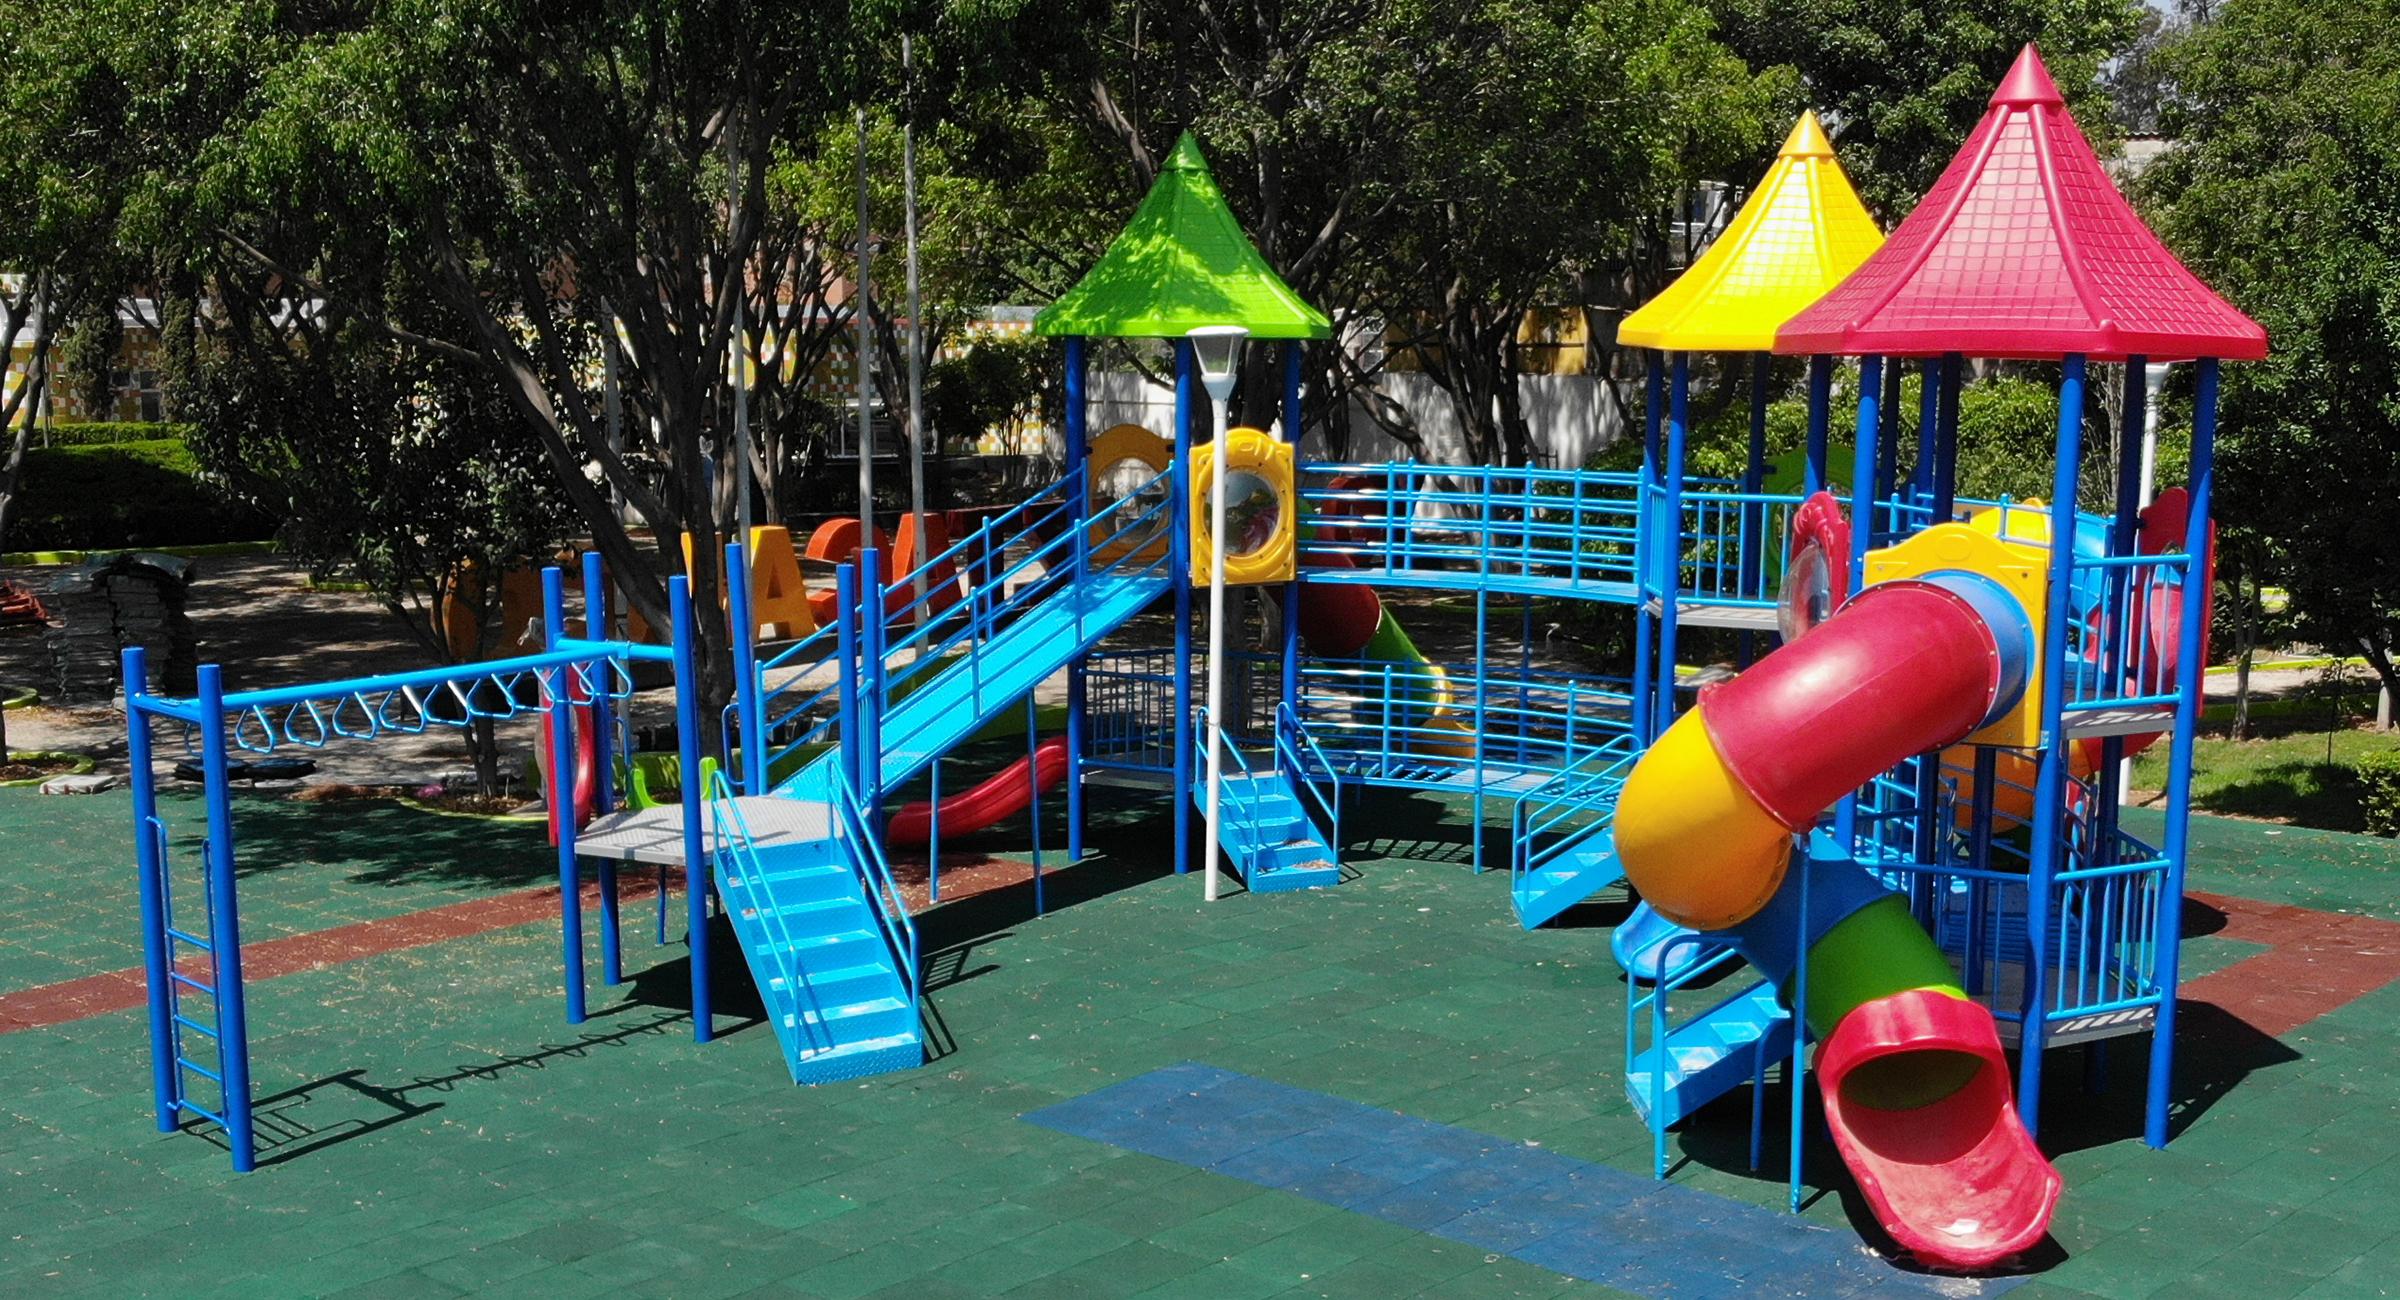 Juegos para Parques, Ejercitadores y Mobiliario Urbano